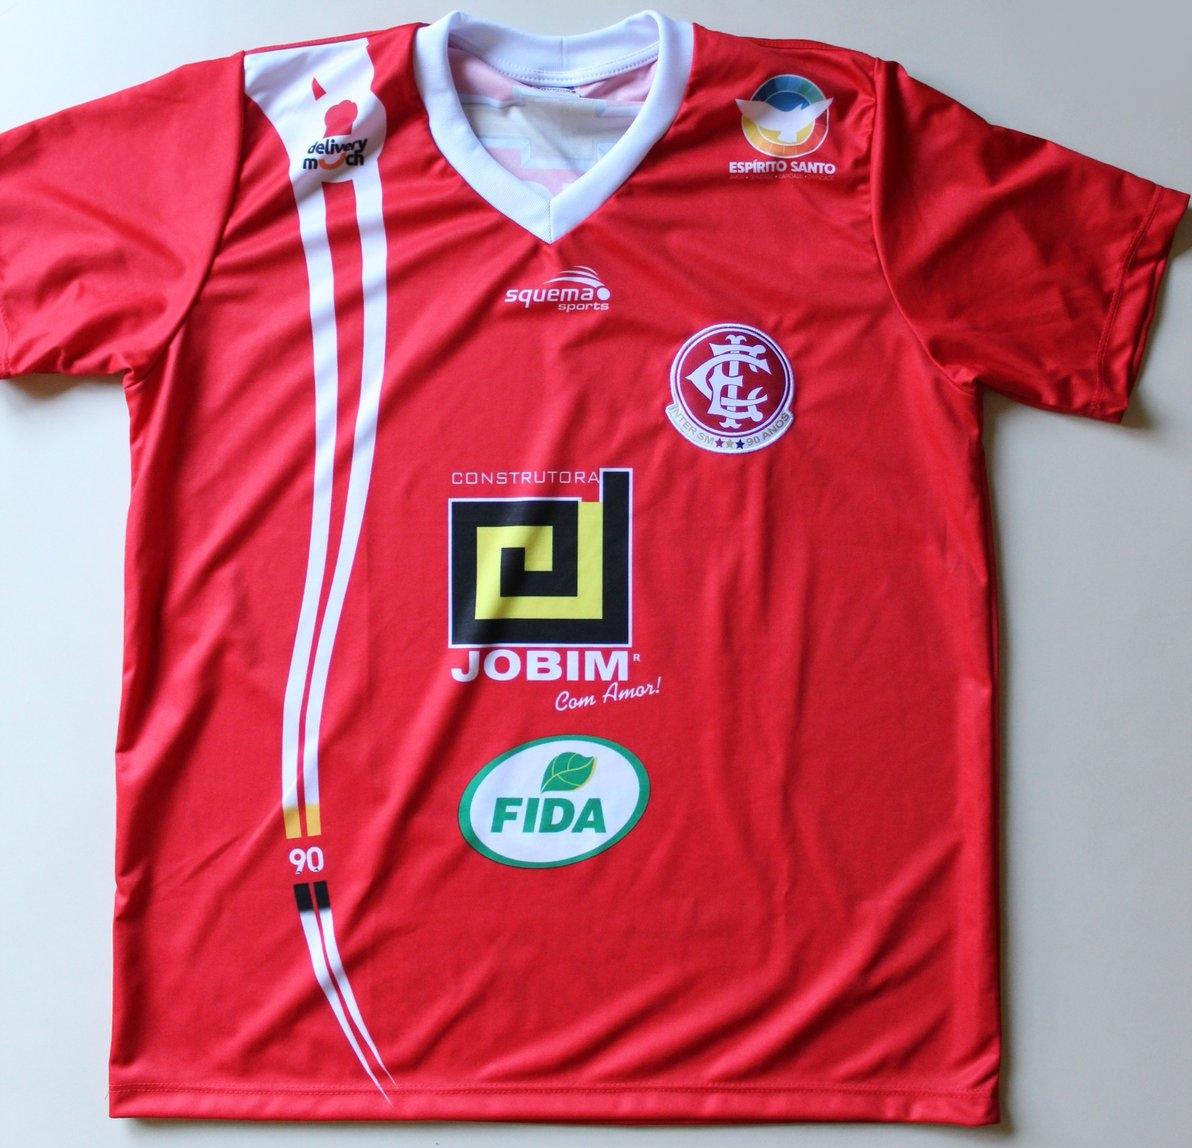 5fabf8b239 Squema Sports lança as novas camisas do Inter de Santa Maria - Show ...